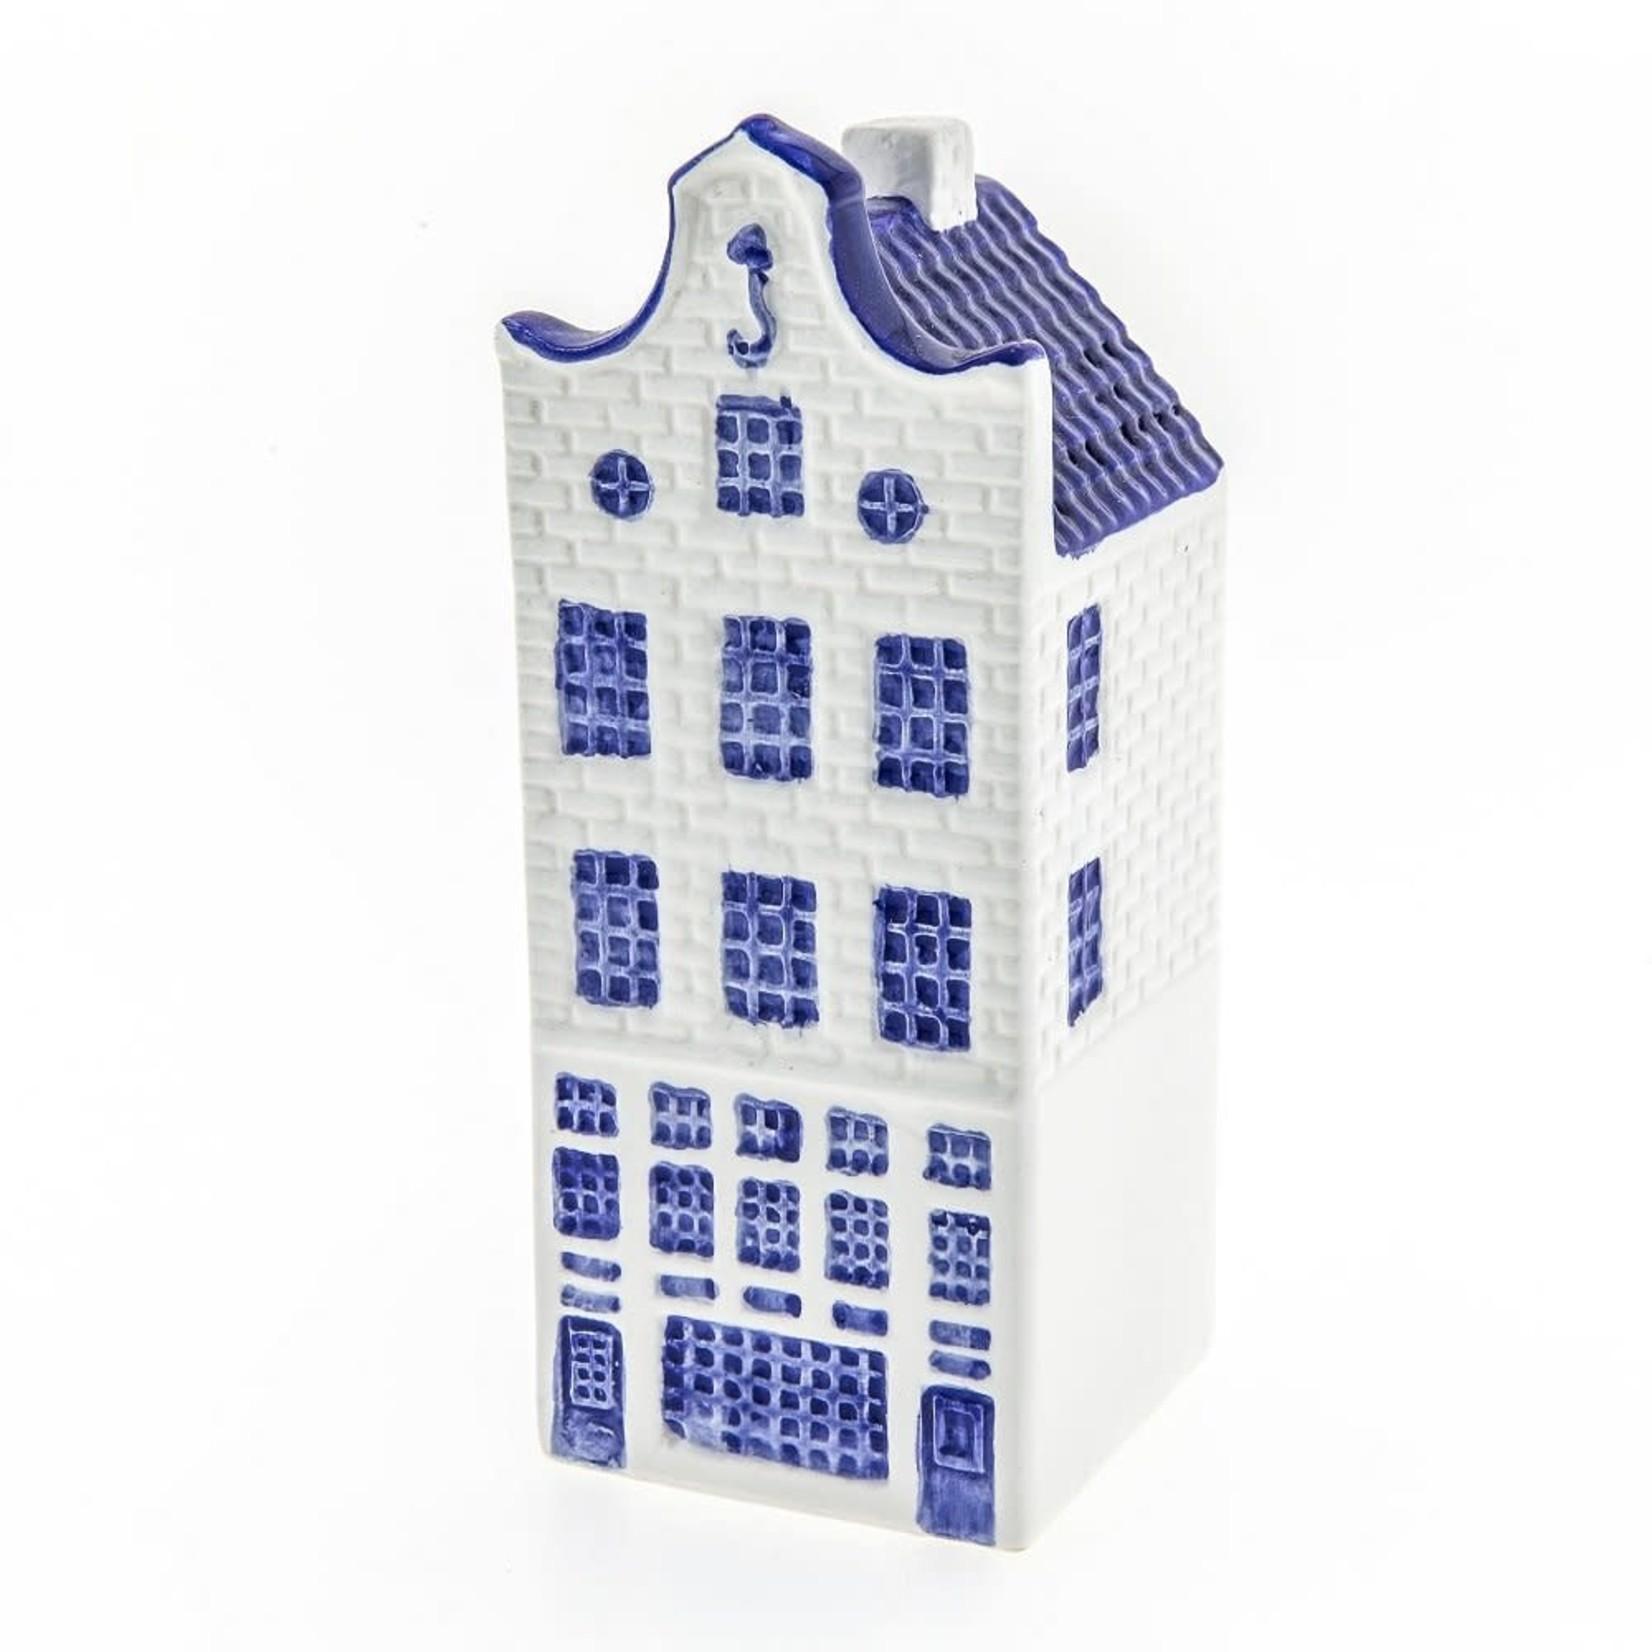 Heinen Delfts Blauw Huis klokgevel groot